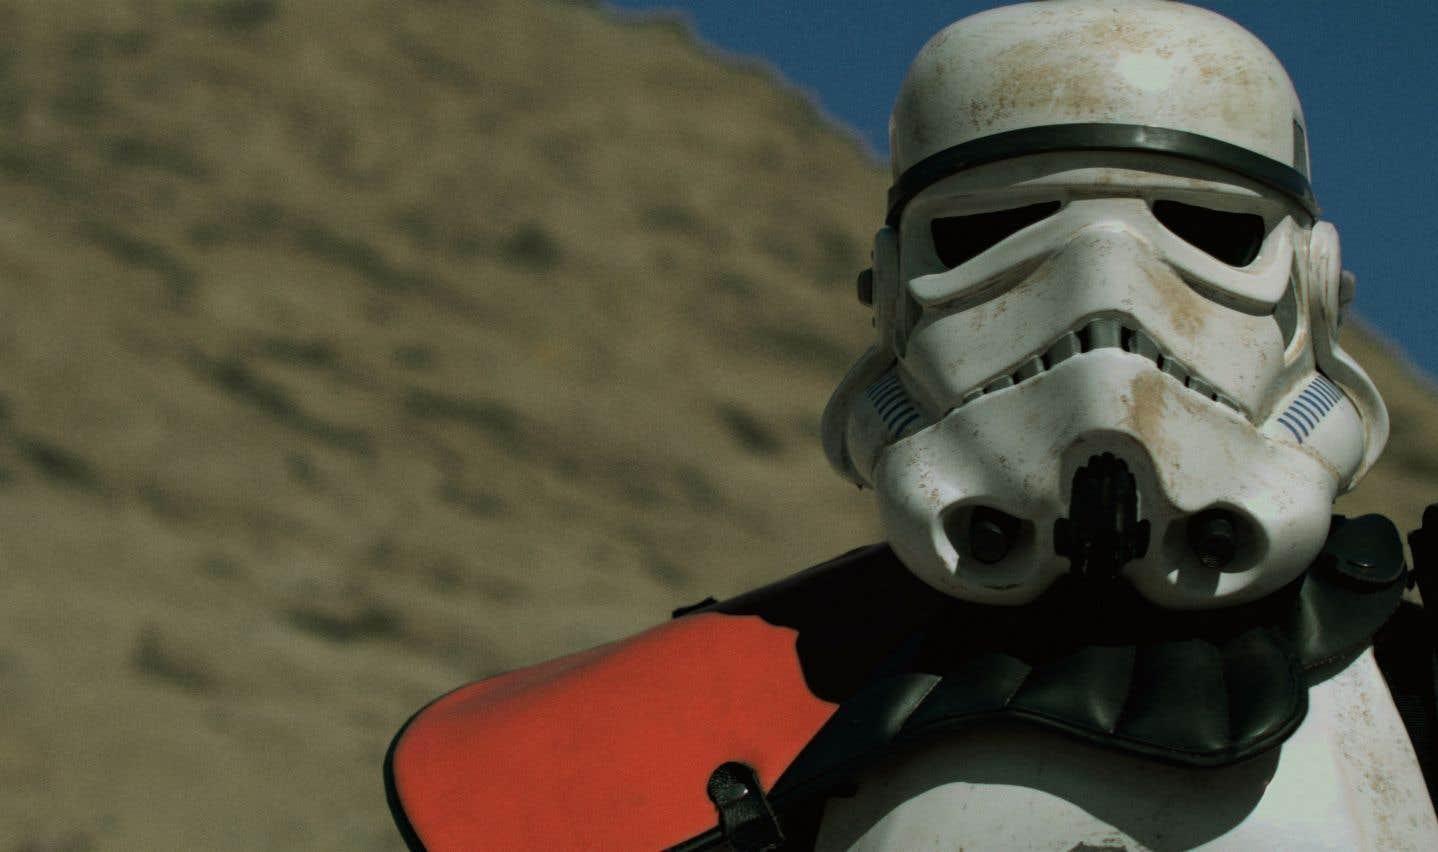 Il s'agit du Stormtrooper qui arrête Luke et Obi Wan sur Tatooine et qu'Obi Wan dissuade de fouiller le véhicule grâce à la Force.